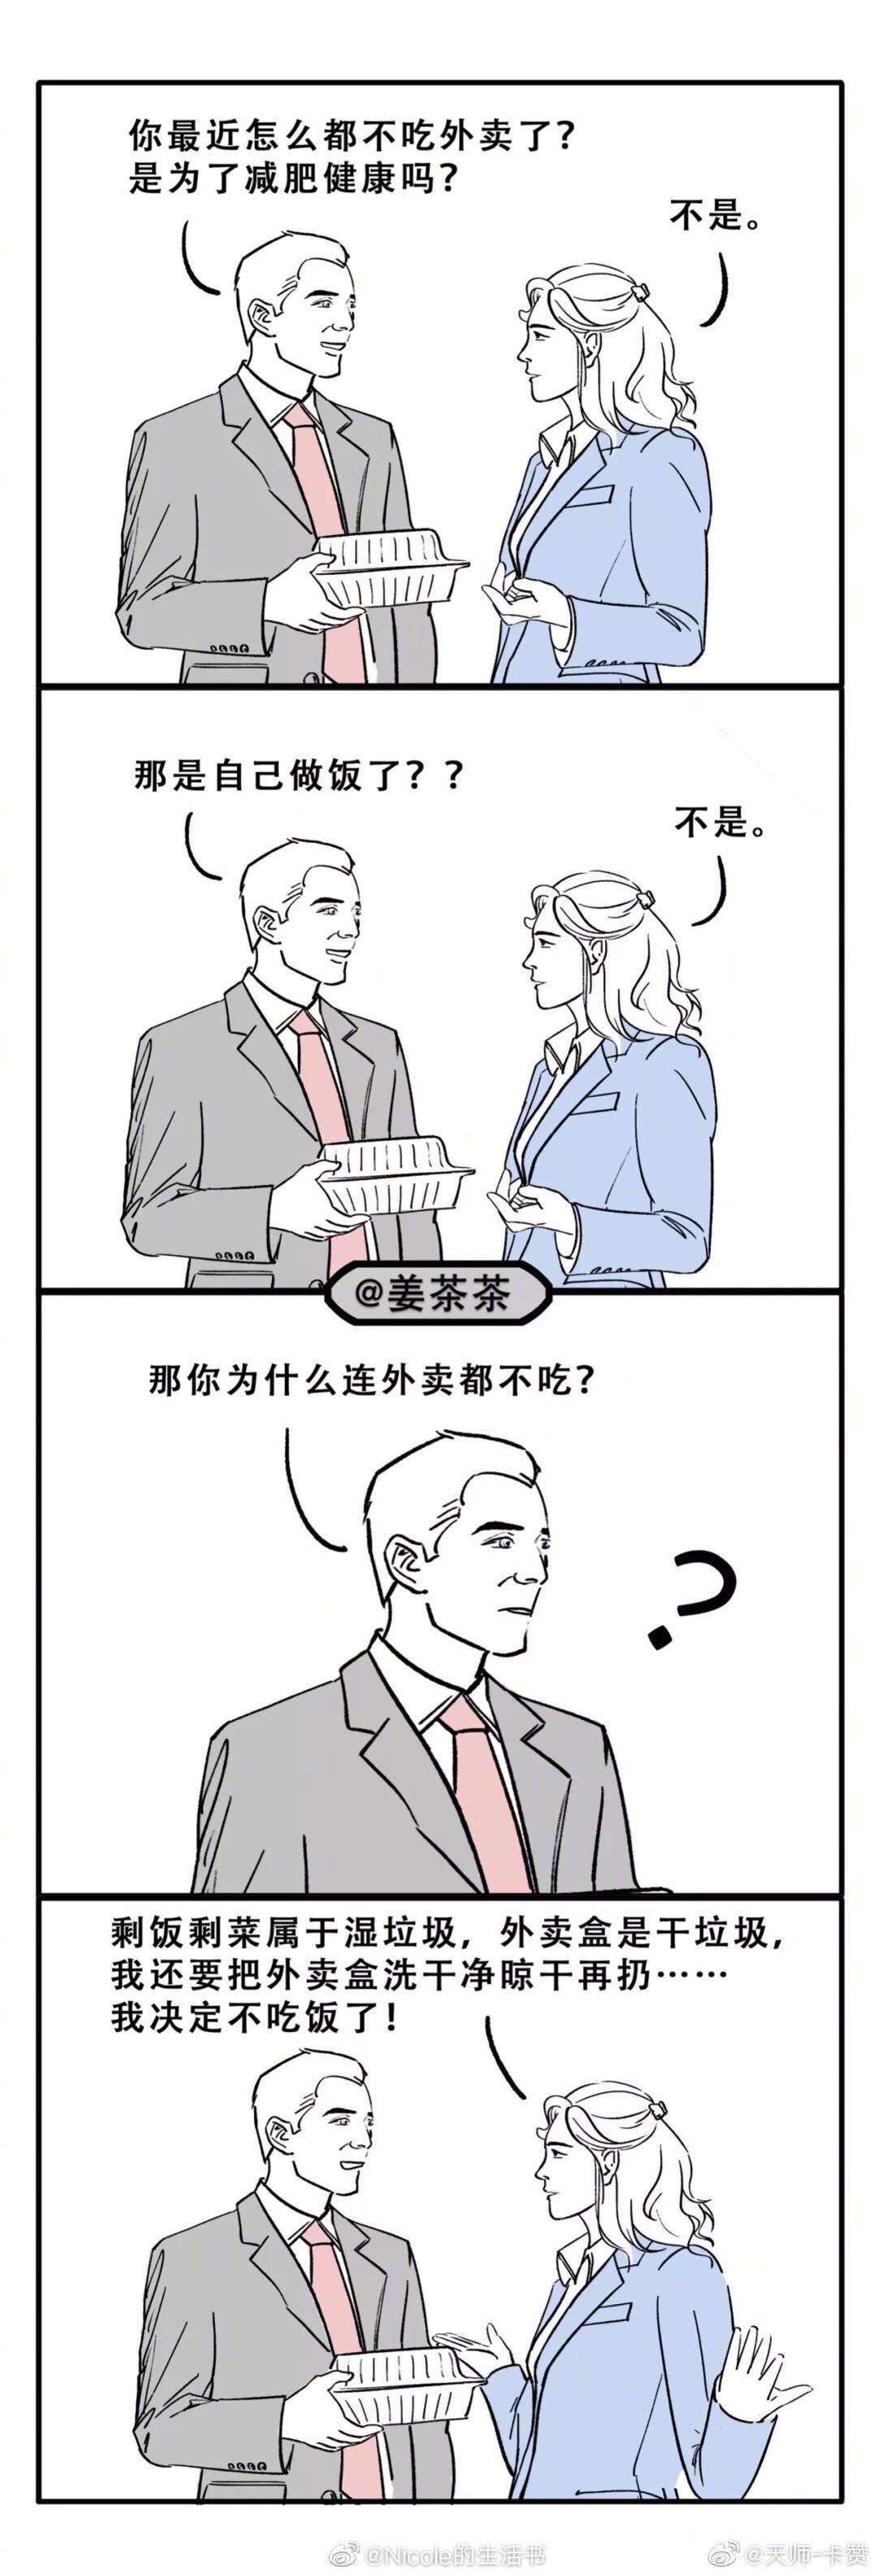 亲亲这边不建议您报考上海呢